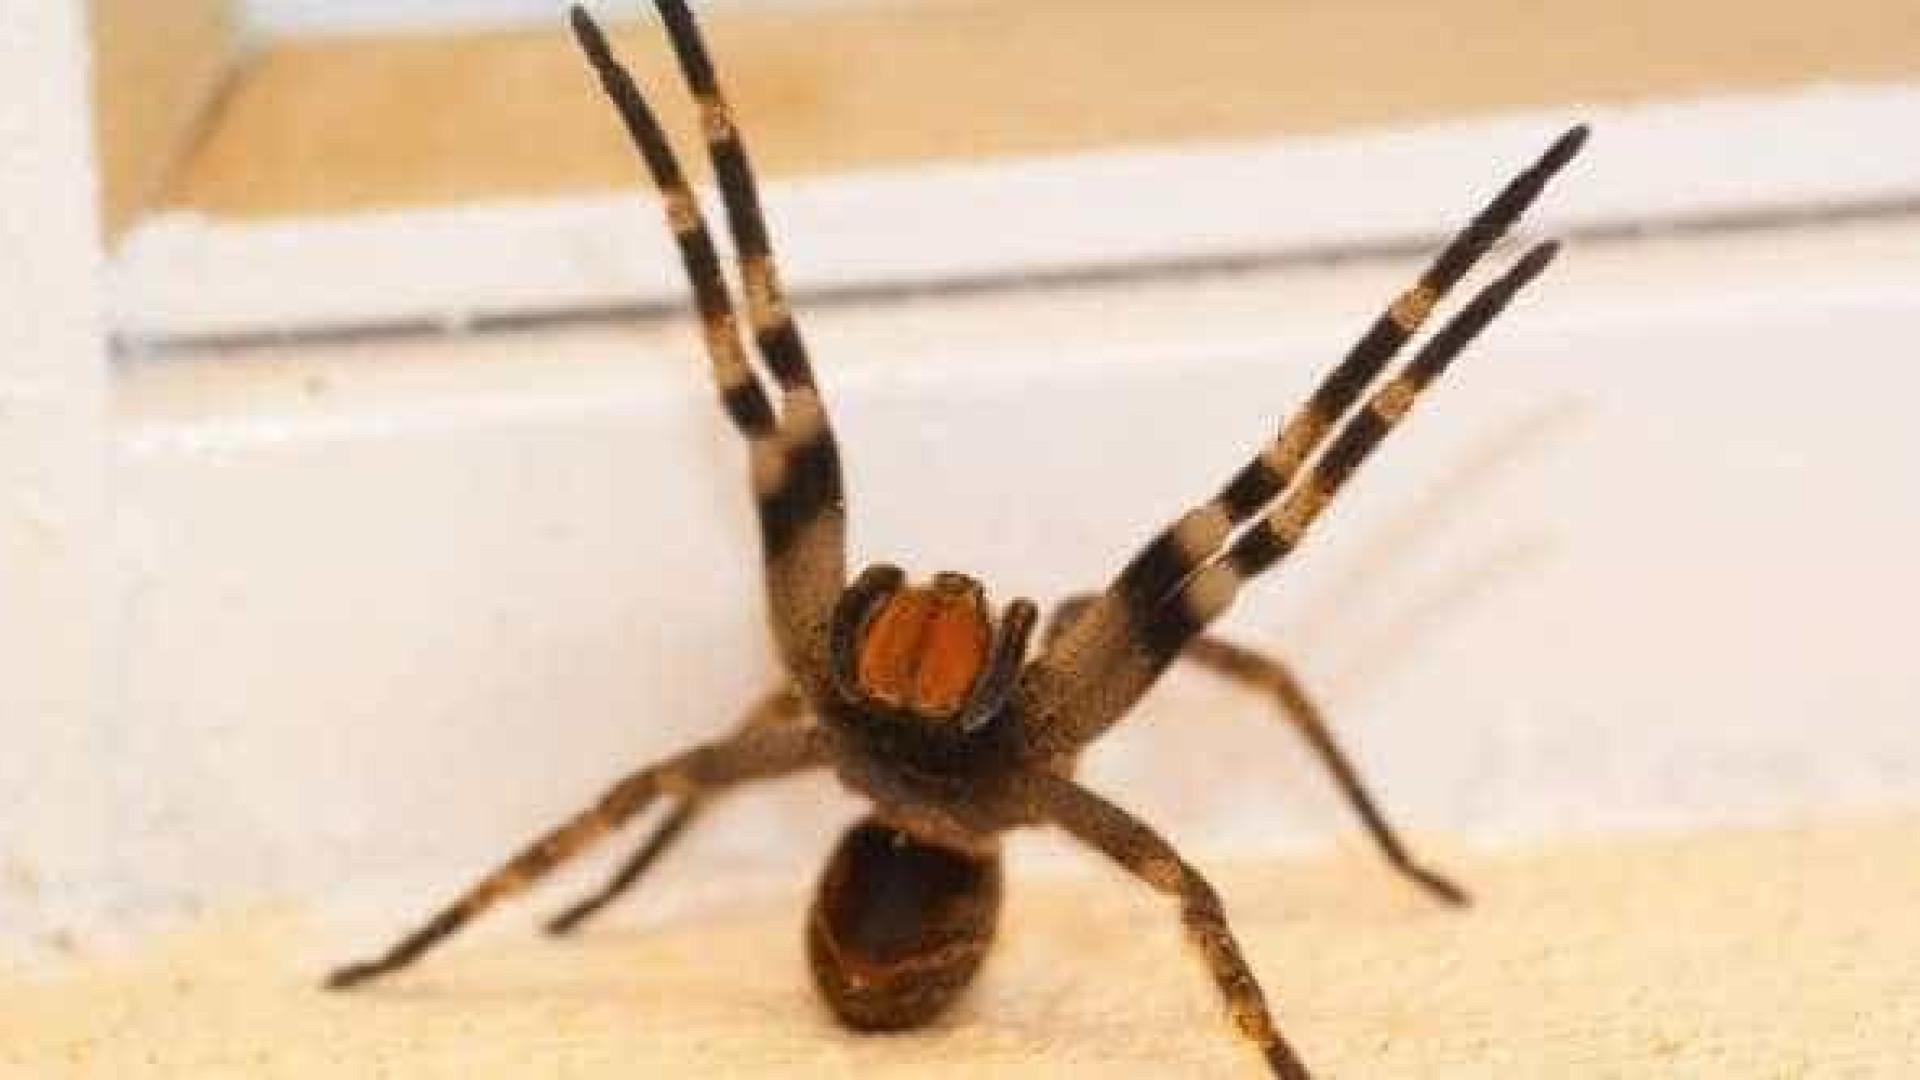 Picada de aranha provoca ereção de até quatro horas